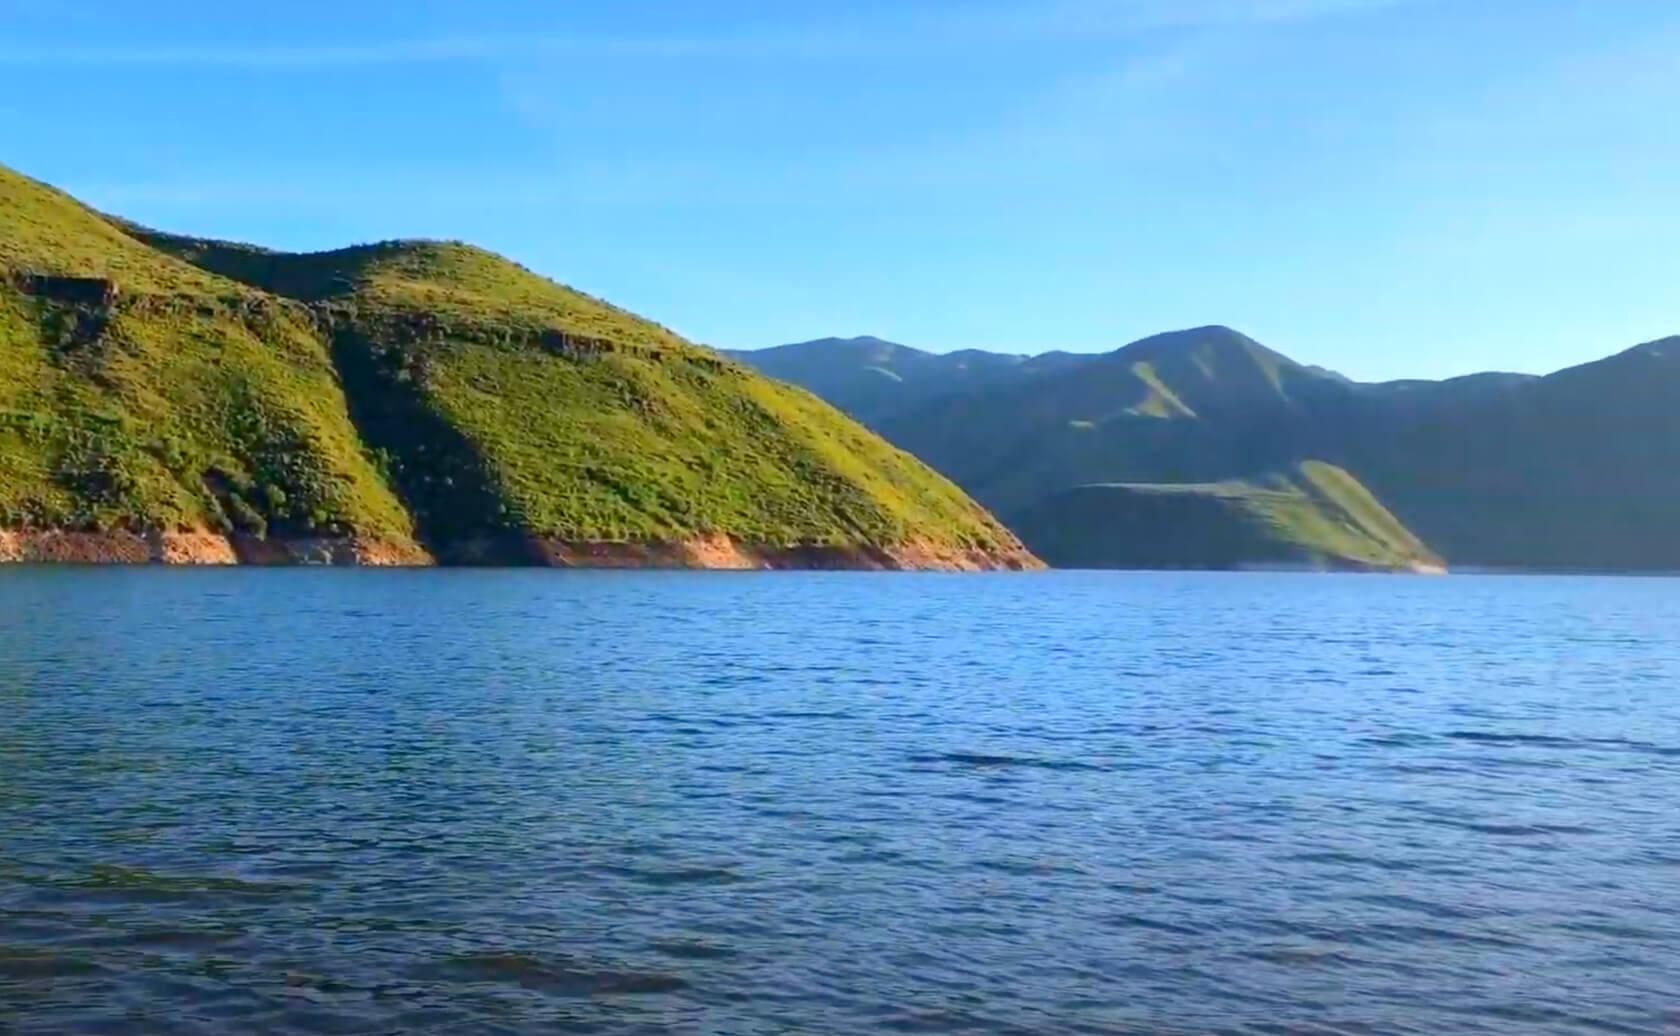 Arrowrock-Ranch-Lake-Fishing-Guide-Report-Idaho-03